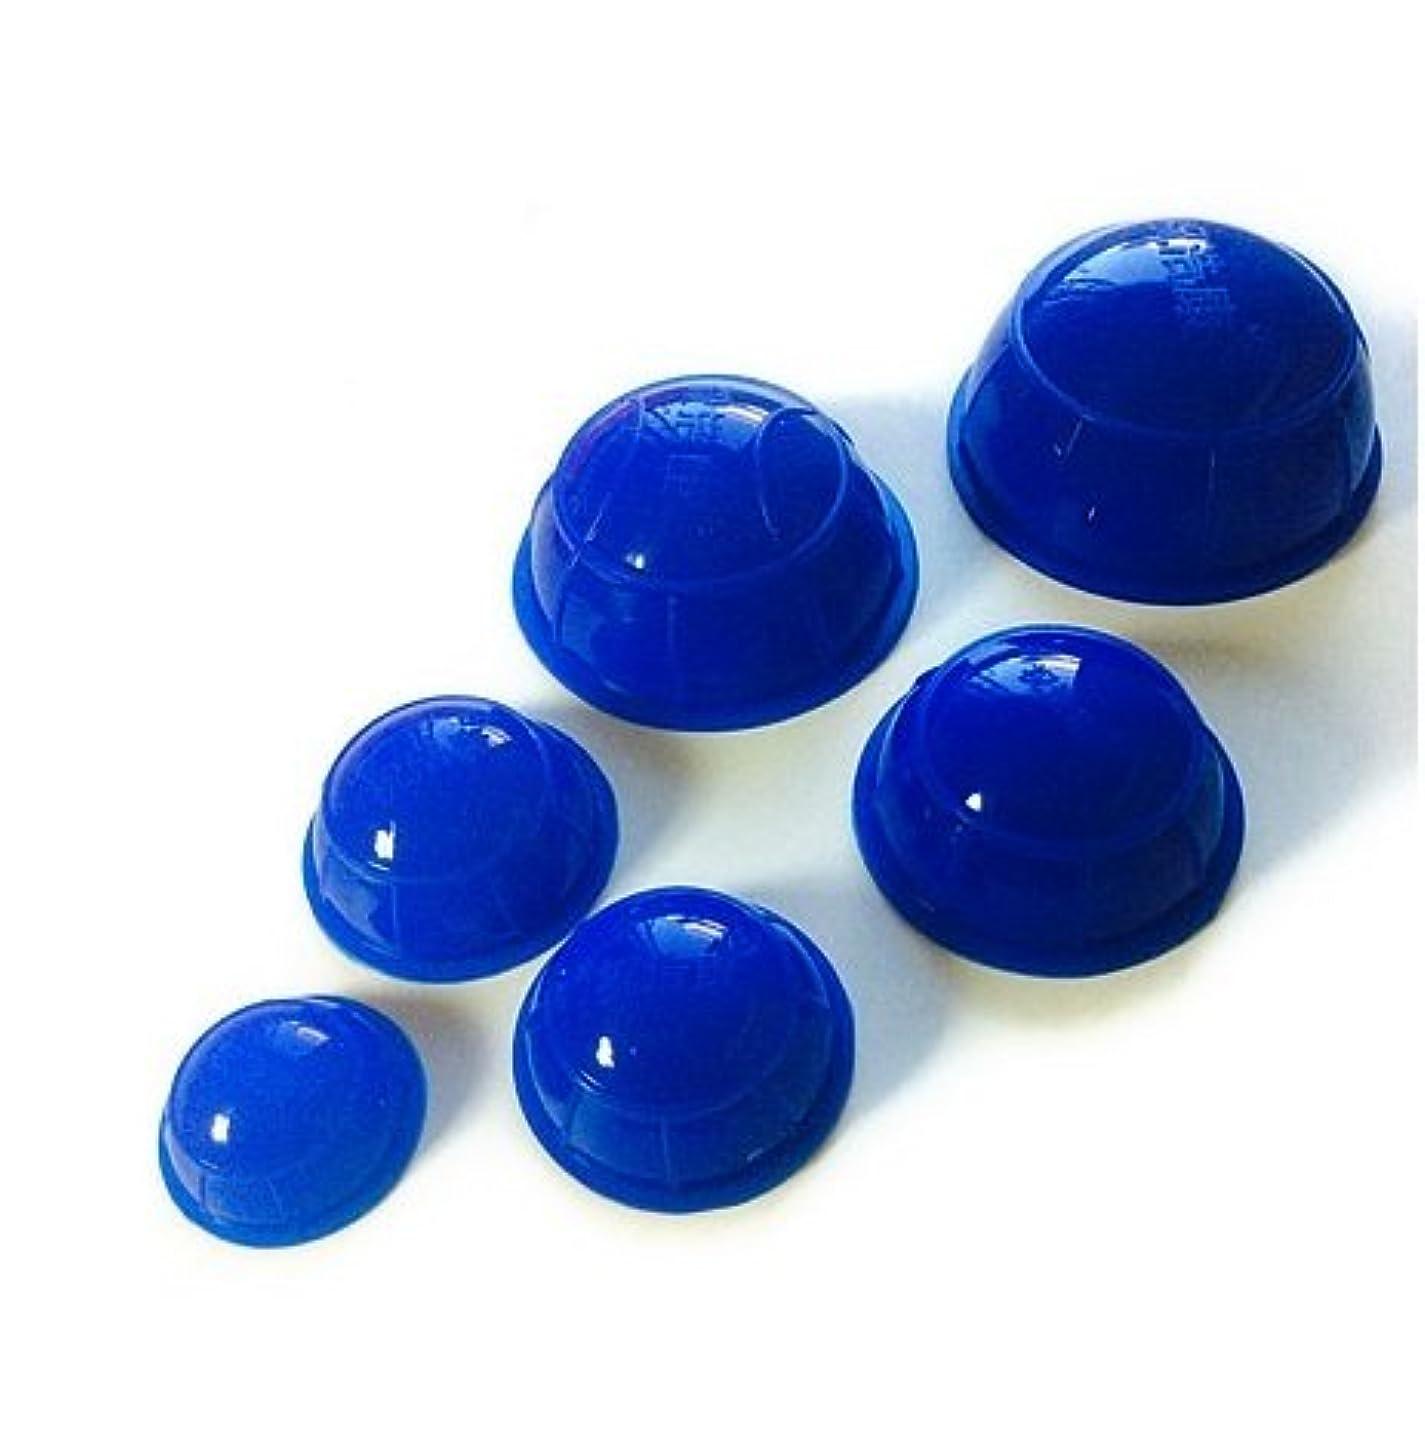 欲望参照するシャンプー簡易 吸い玉6個セット ブルー 大中小5種類の大きさ